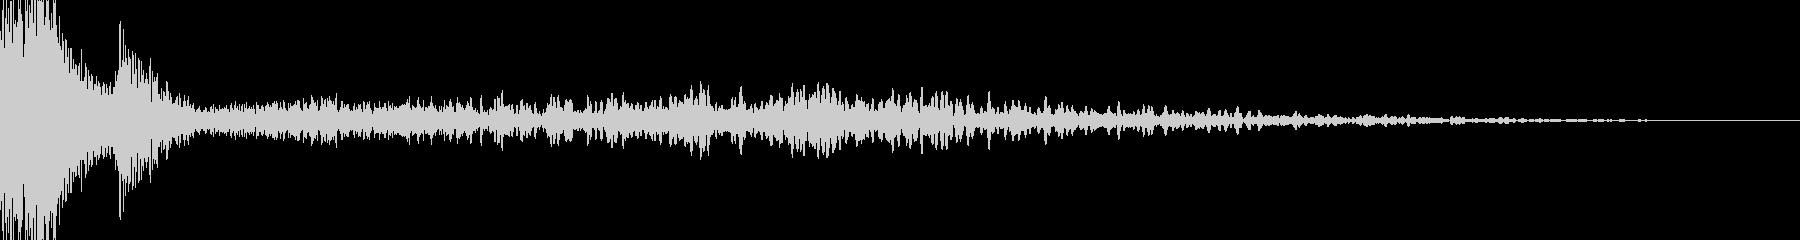 【電子音】 SF デジタルFX 19の未再生の波形